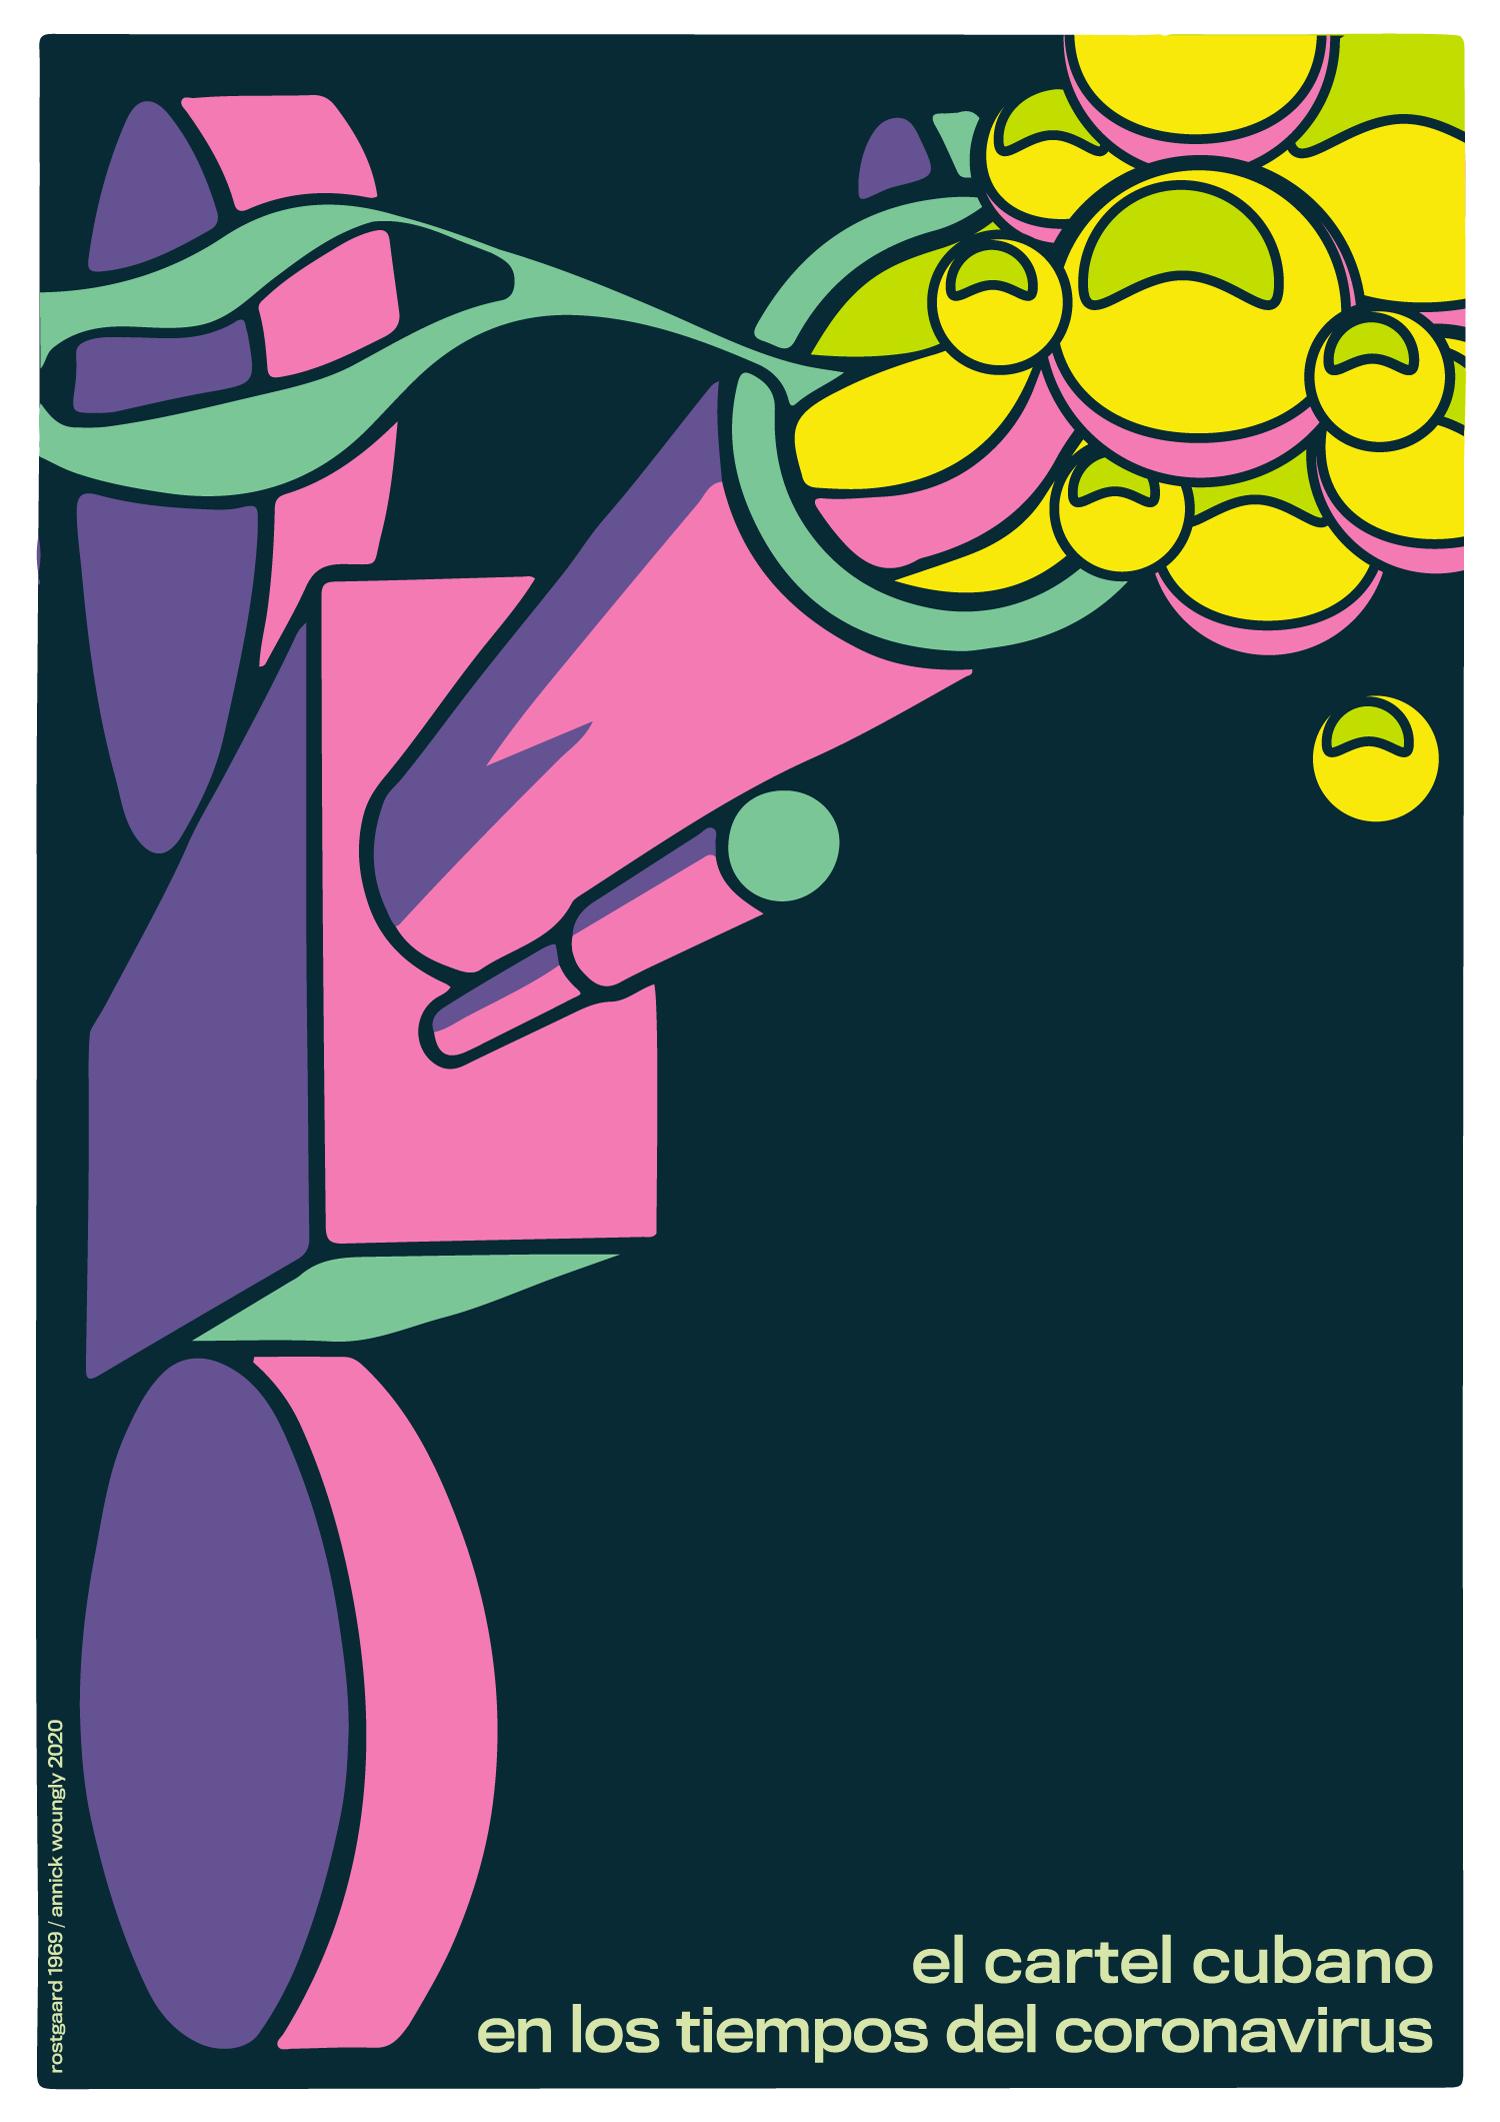 El cartel cubano en los tiempos del coronavirus. - ICAIC décimo aniversario. Rostgaard 1969.